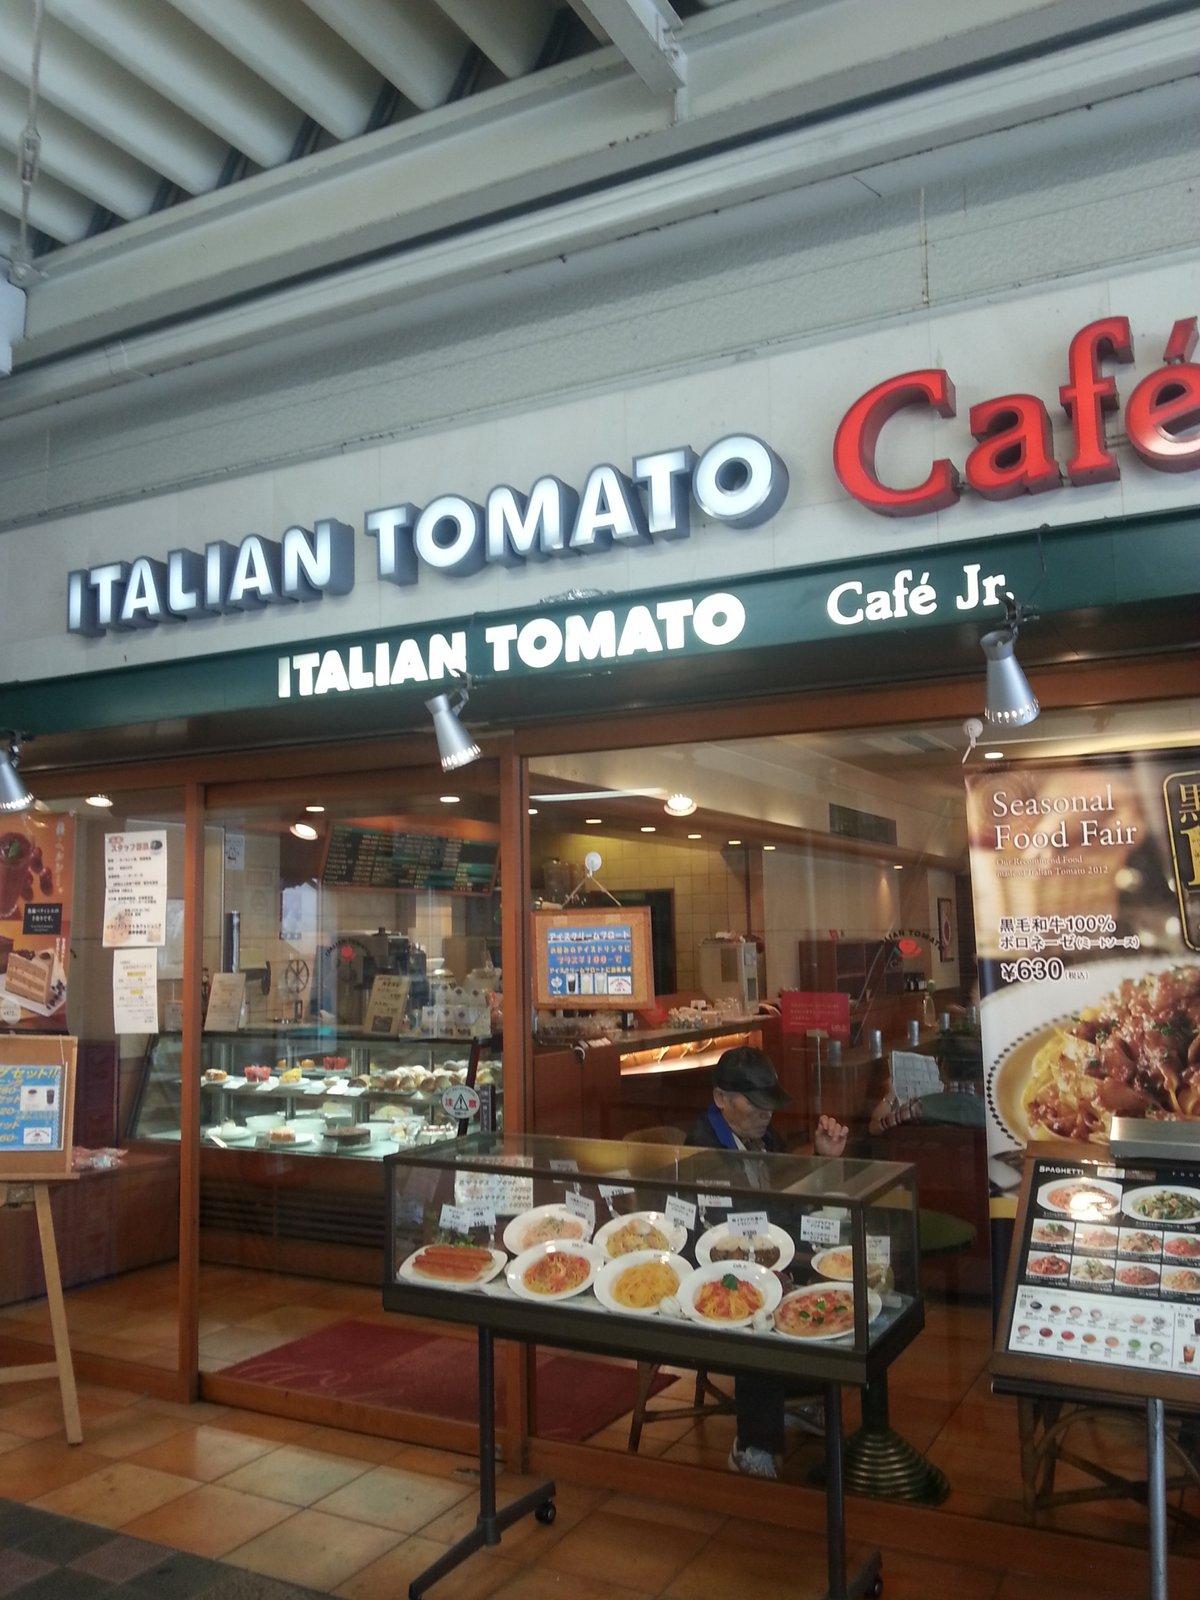 イタリアン・トマト カフェジュニア 藤井寺駅店